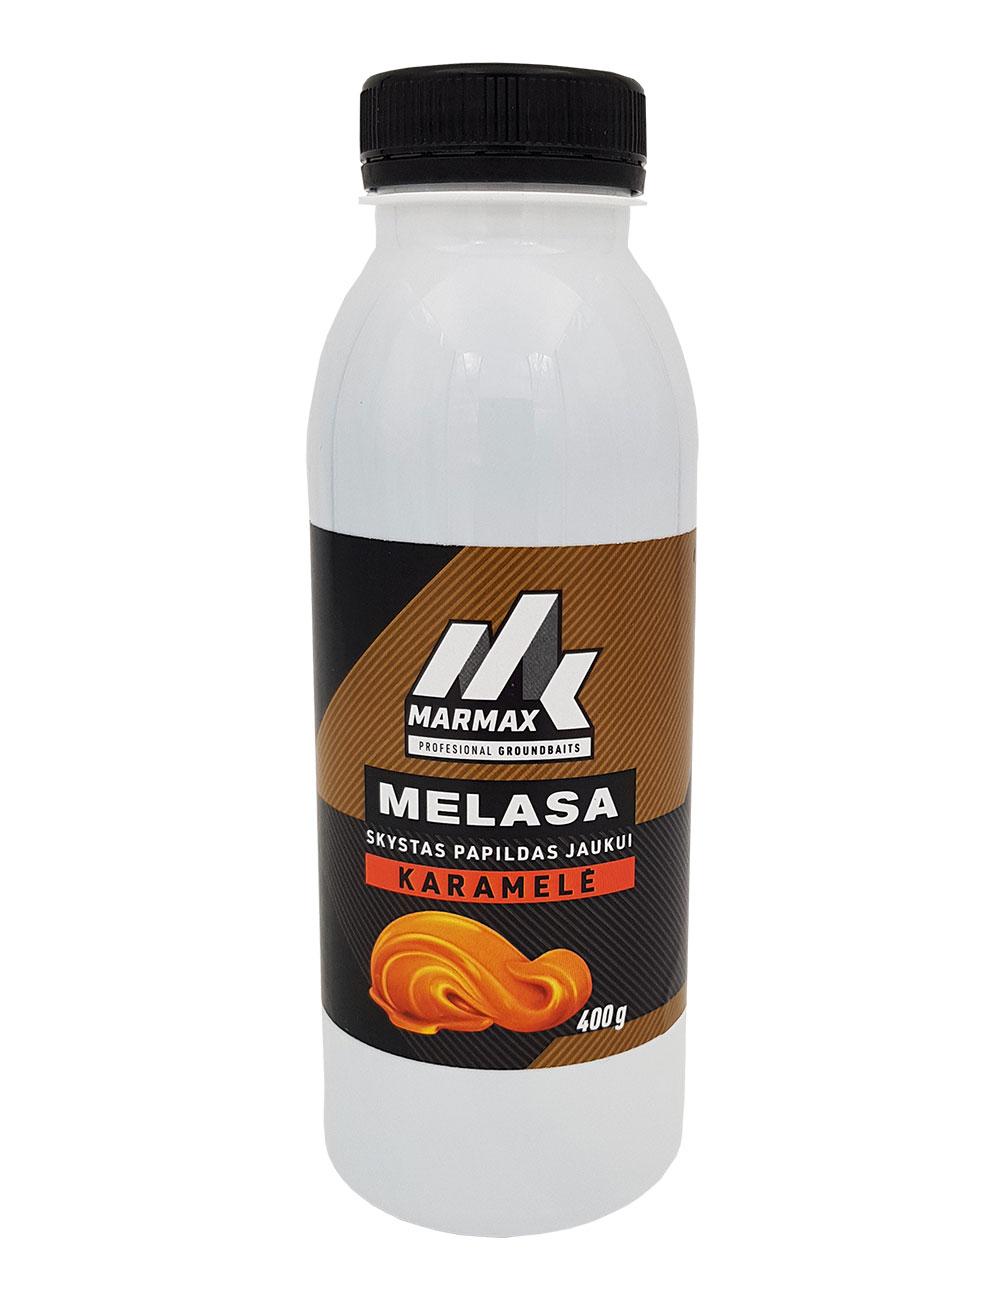 Melasa - Karamelė (400g)